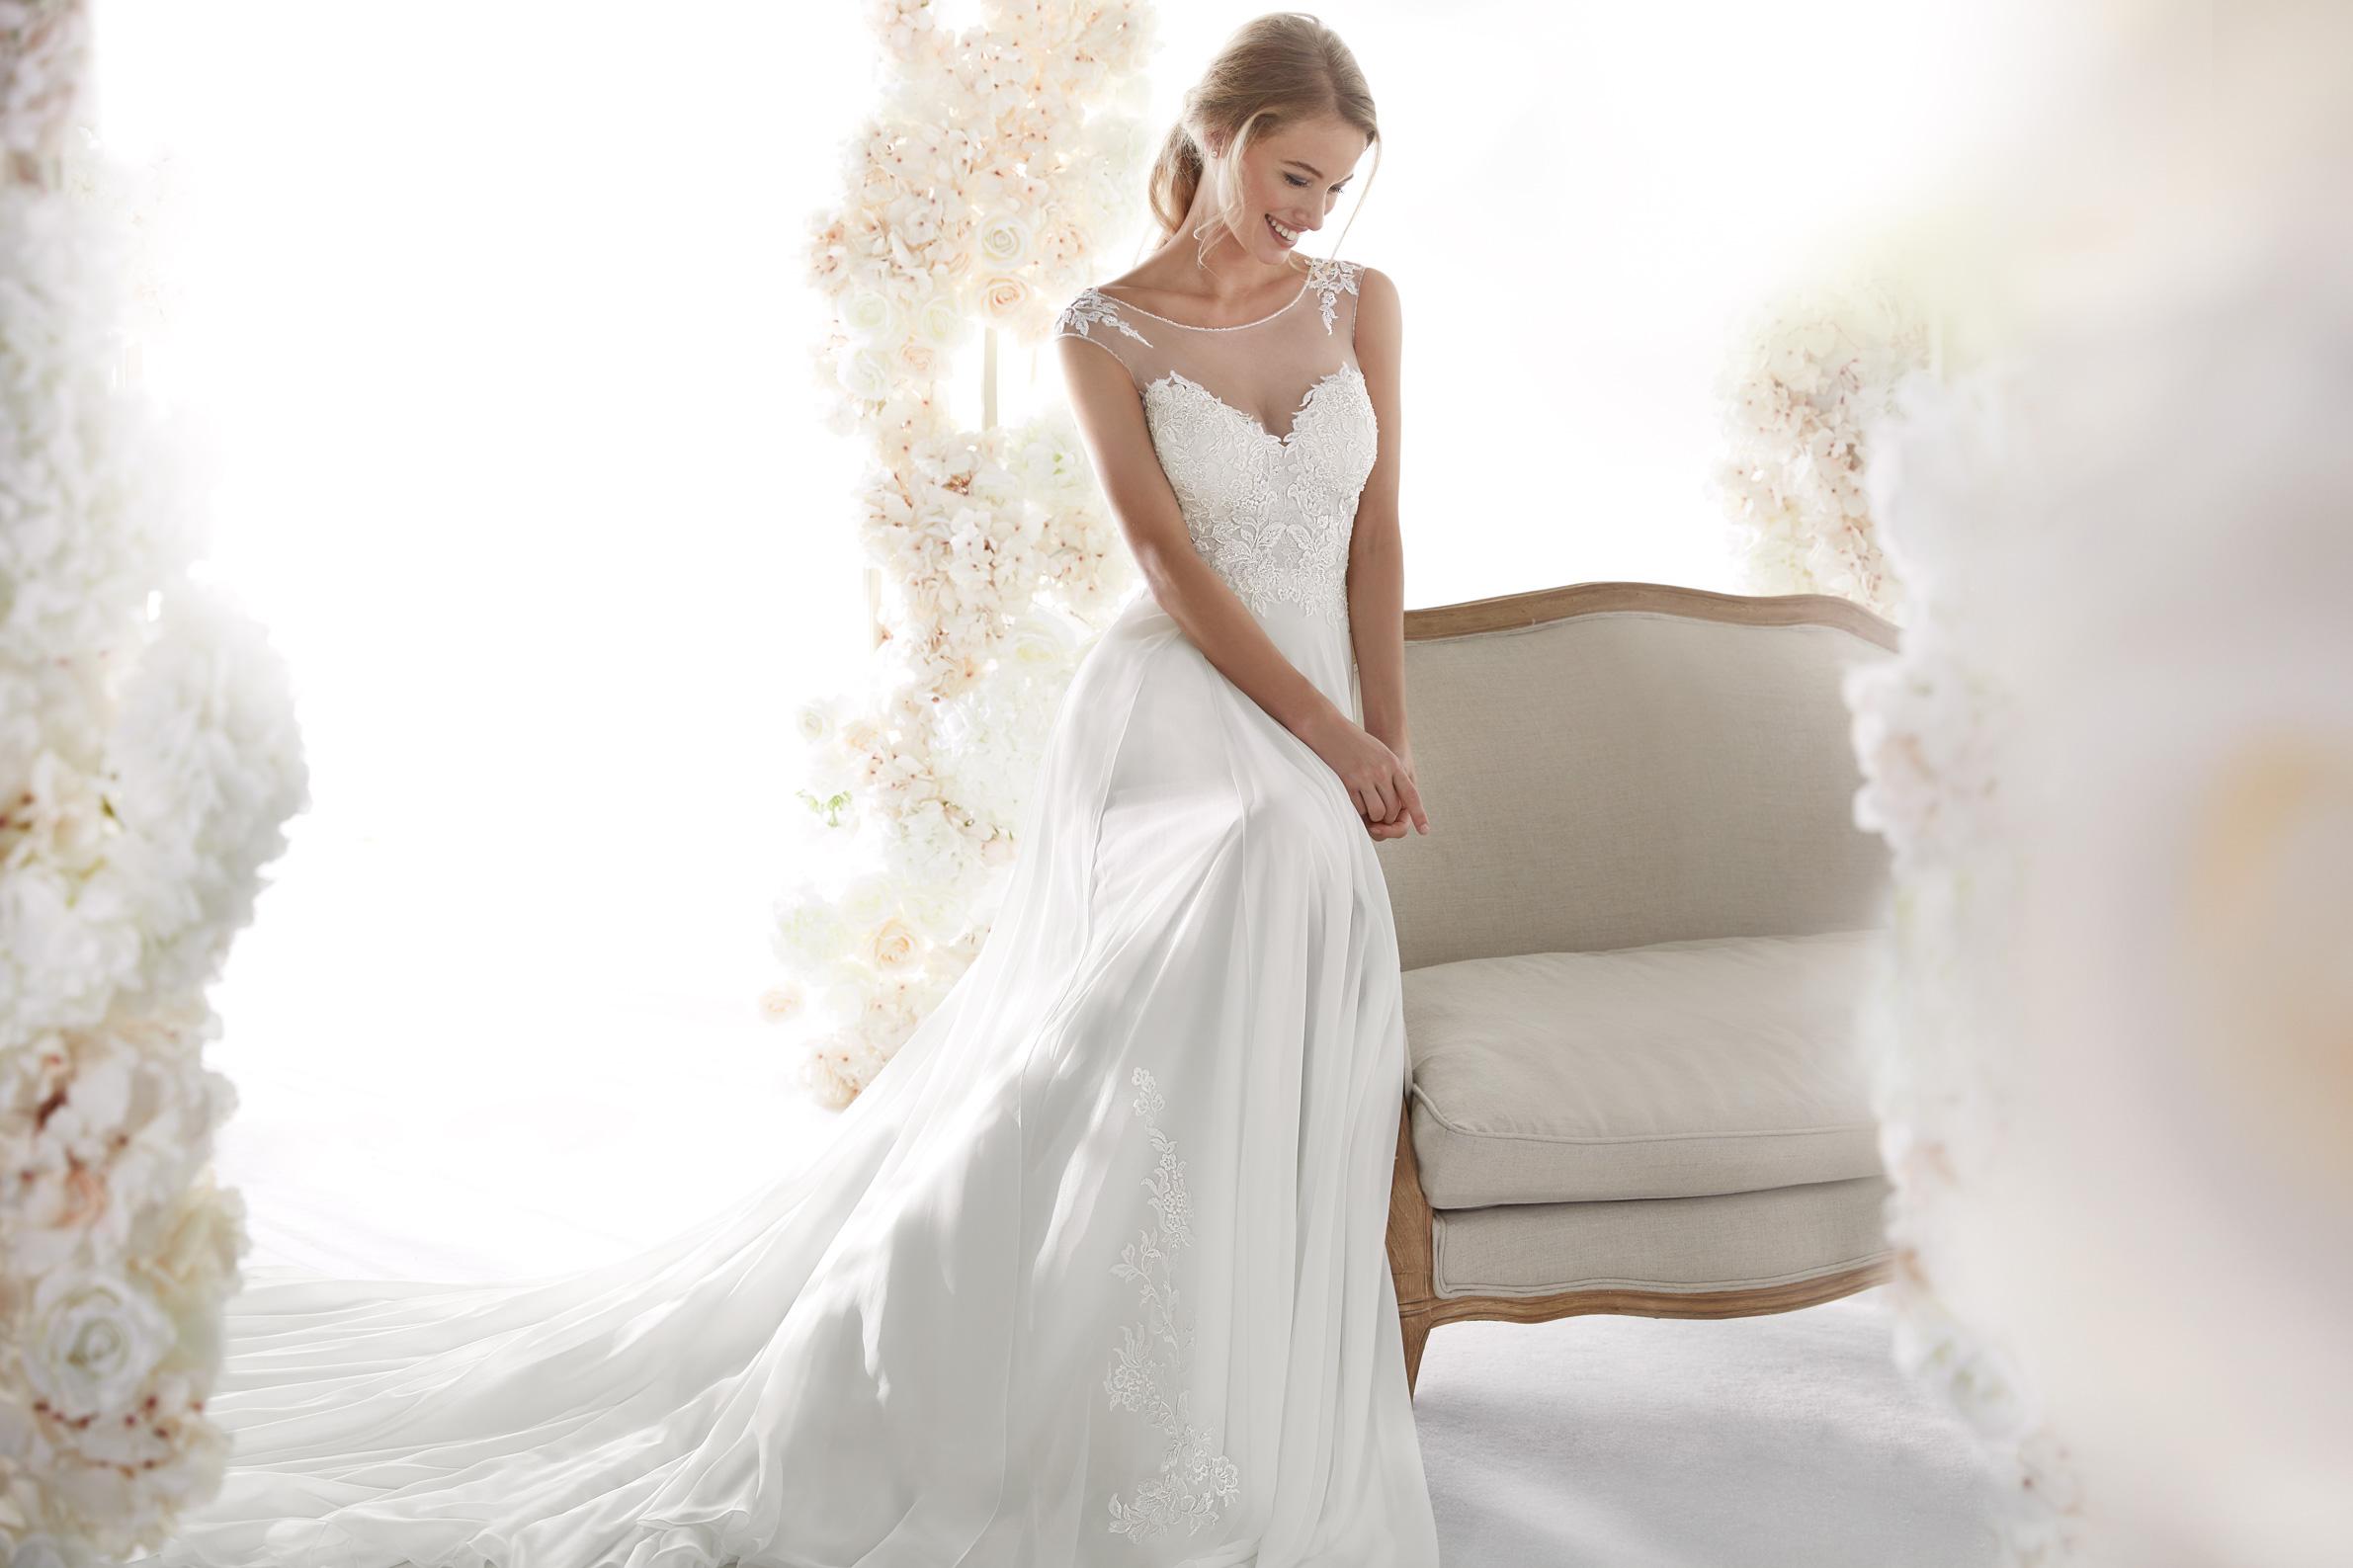 Abiti Da Sposa Colet.Abito Da Sposa Colet 2020 Coa20231 Mariages It Abiti Sposa E